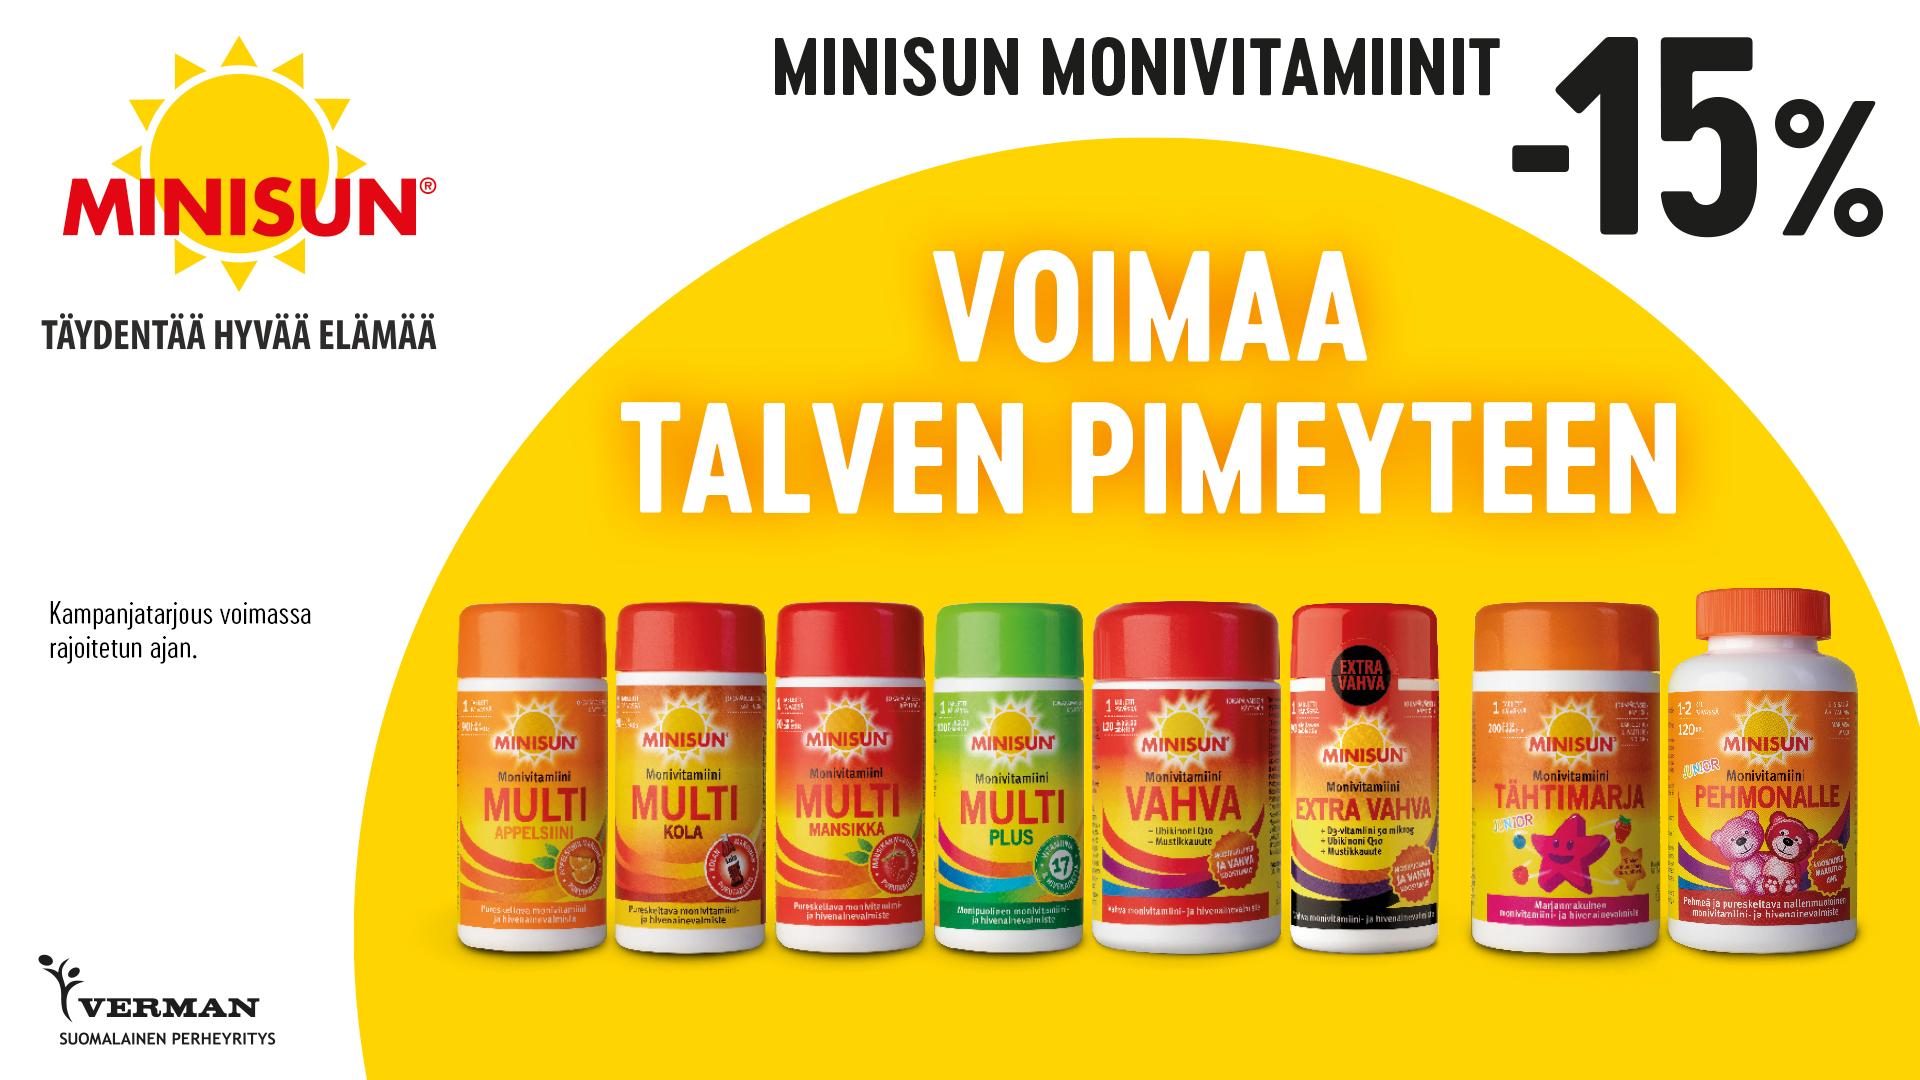 Minisun monivitamiinit -15%